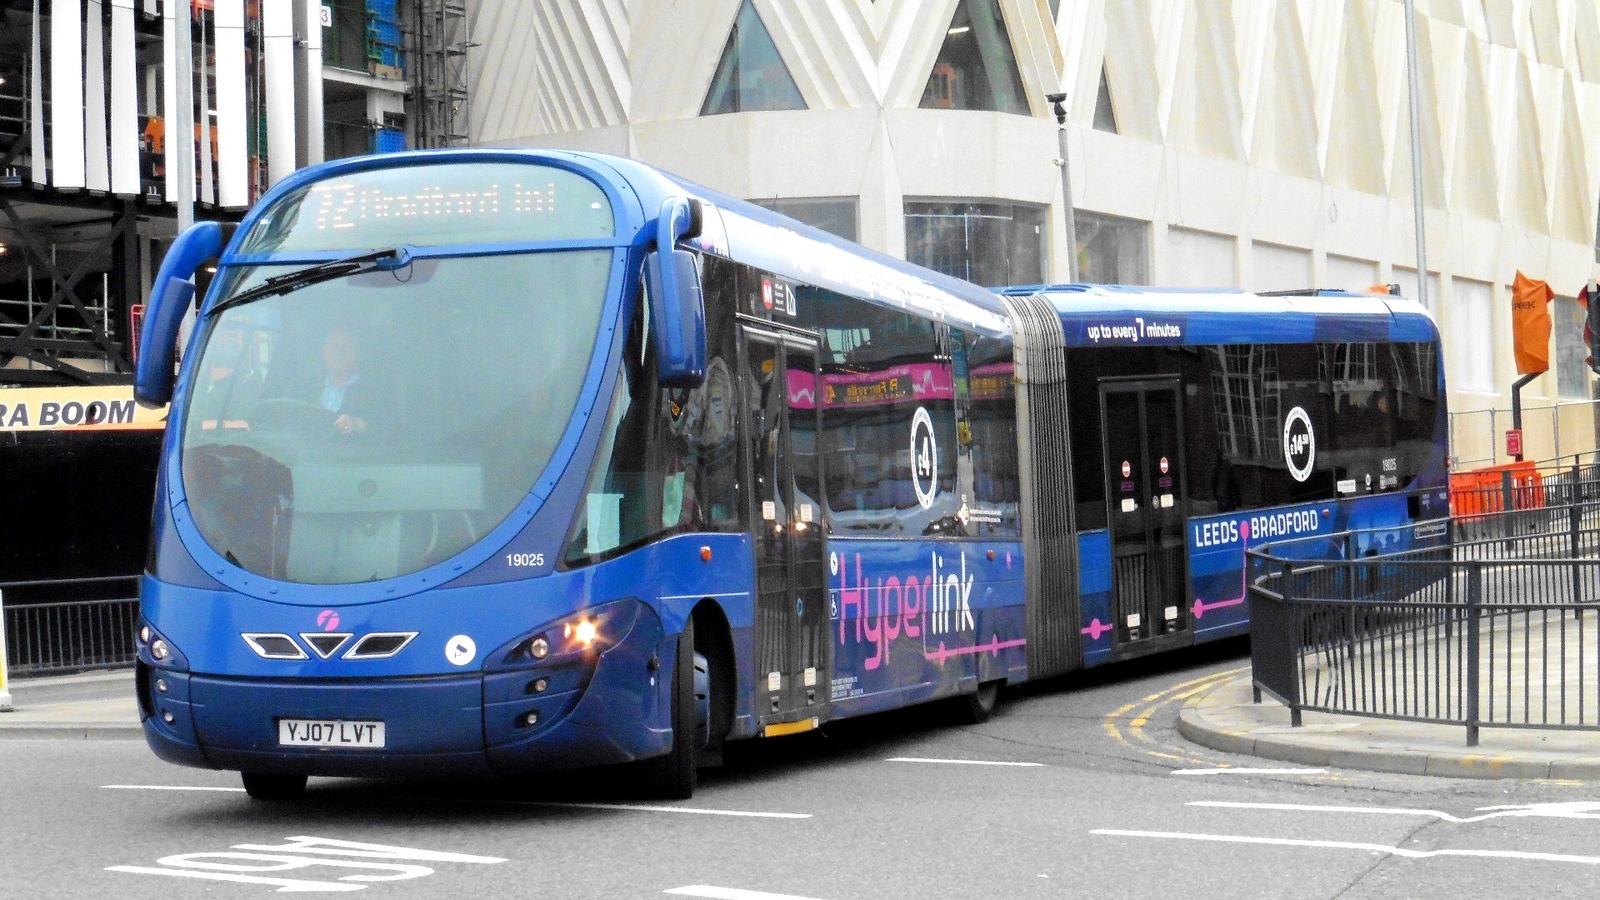 #AYearOfBuses 72: Hyperlink Leeds – Bradford